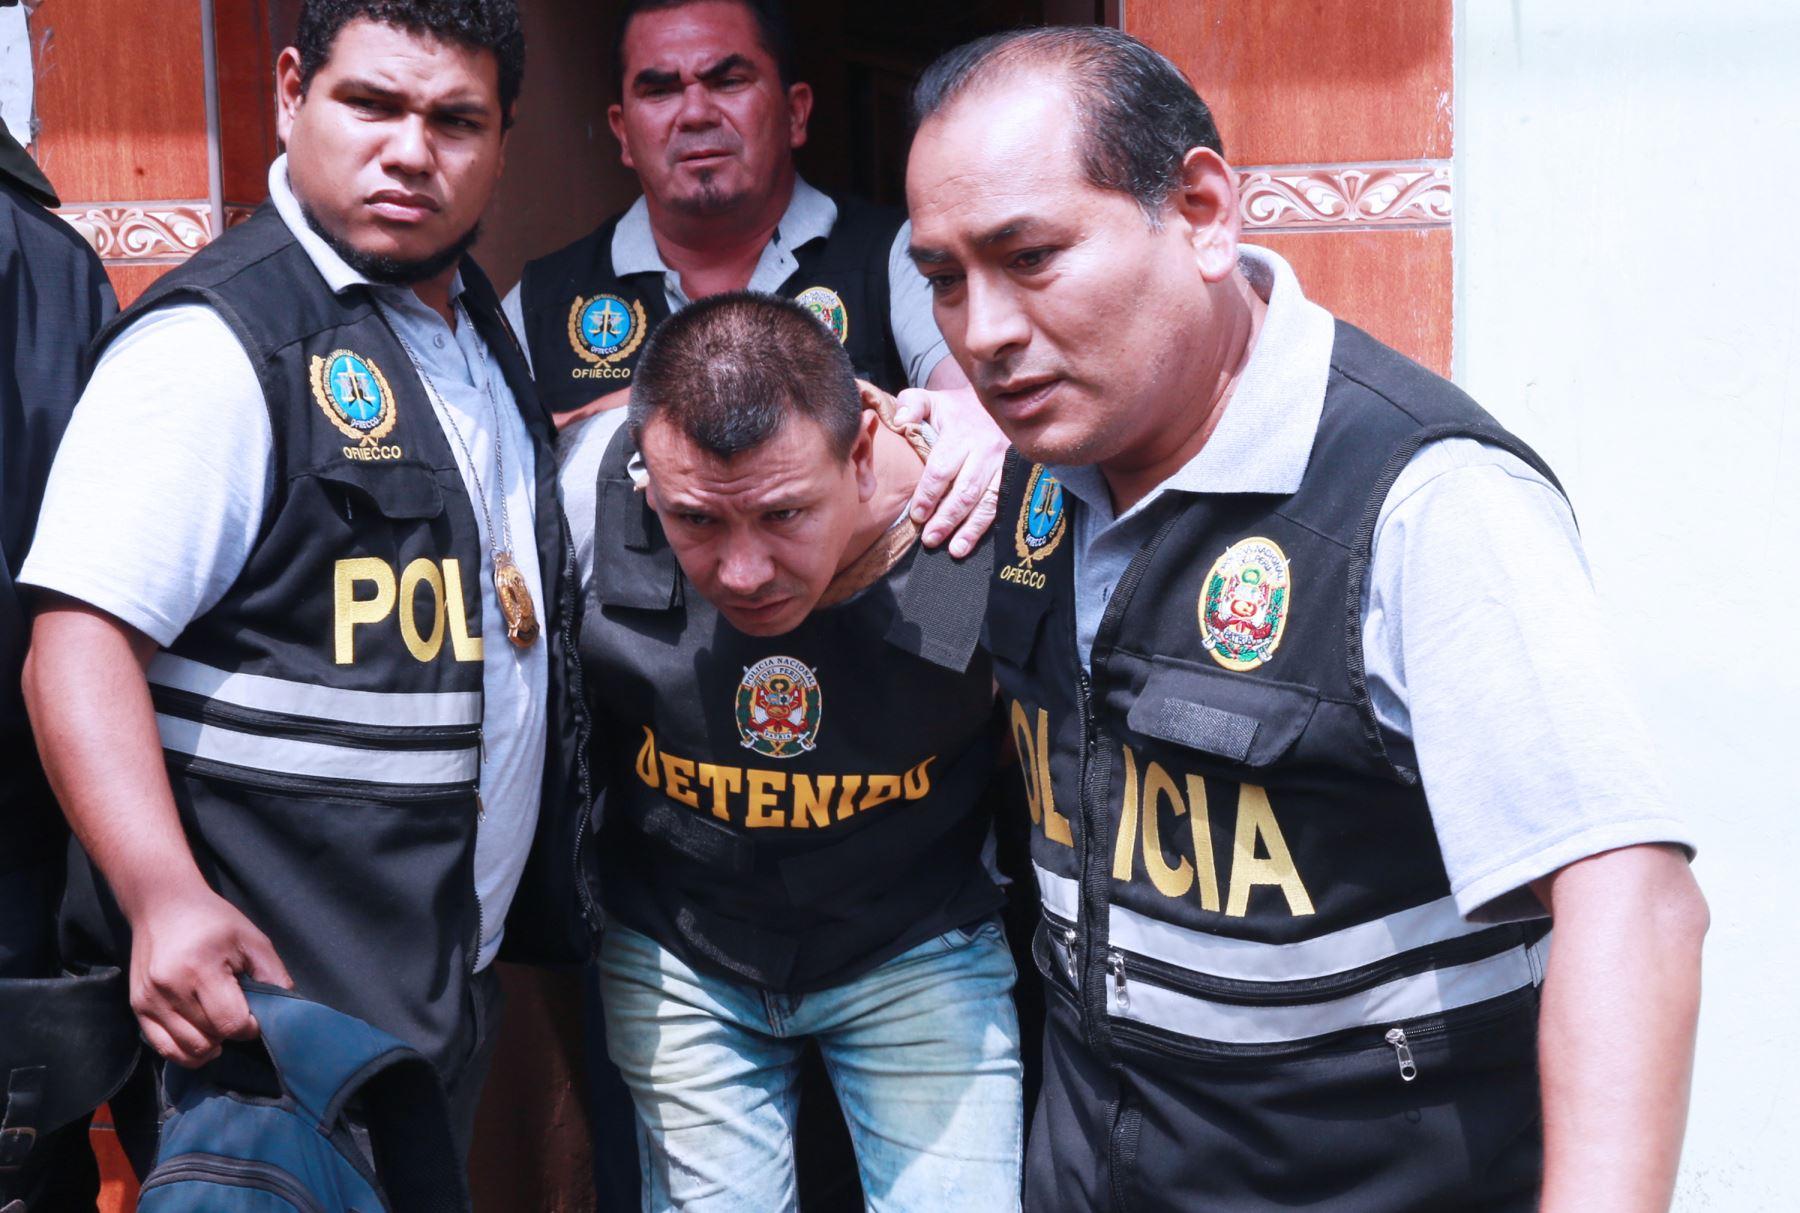 Miembros de la FAP y  Policía abastecían de armas a delincuentes